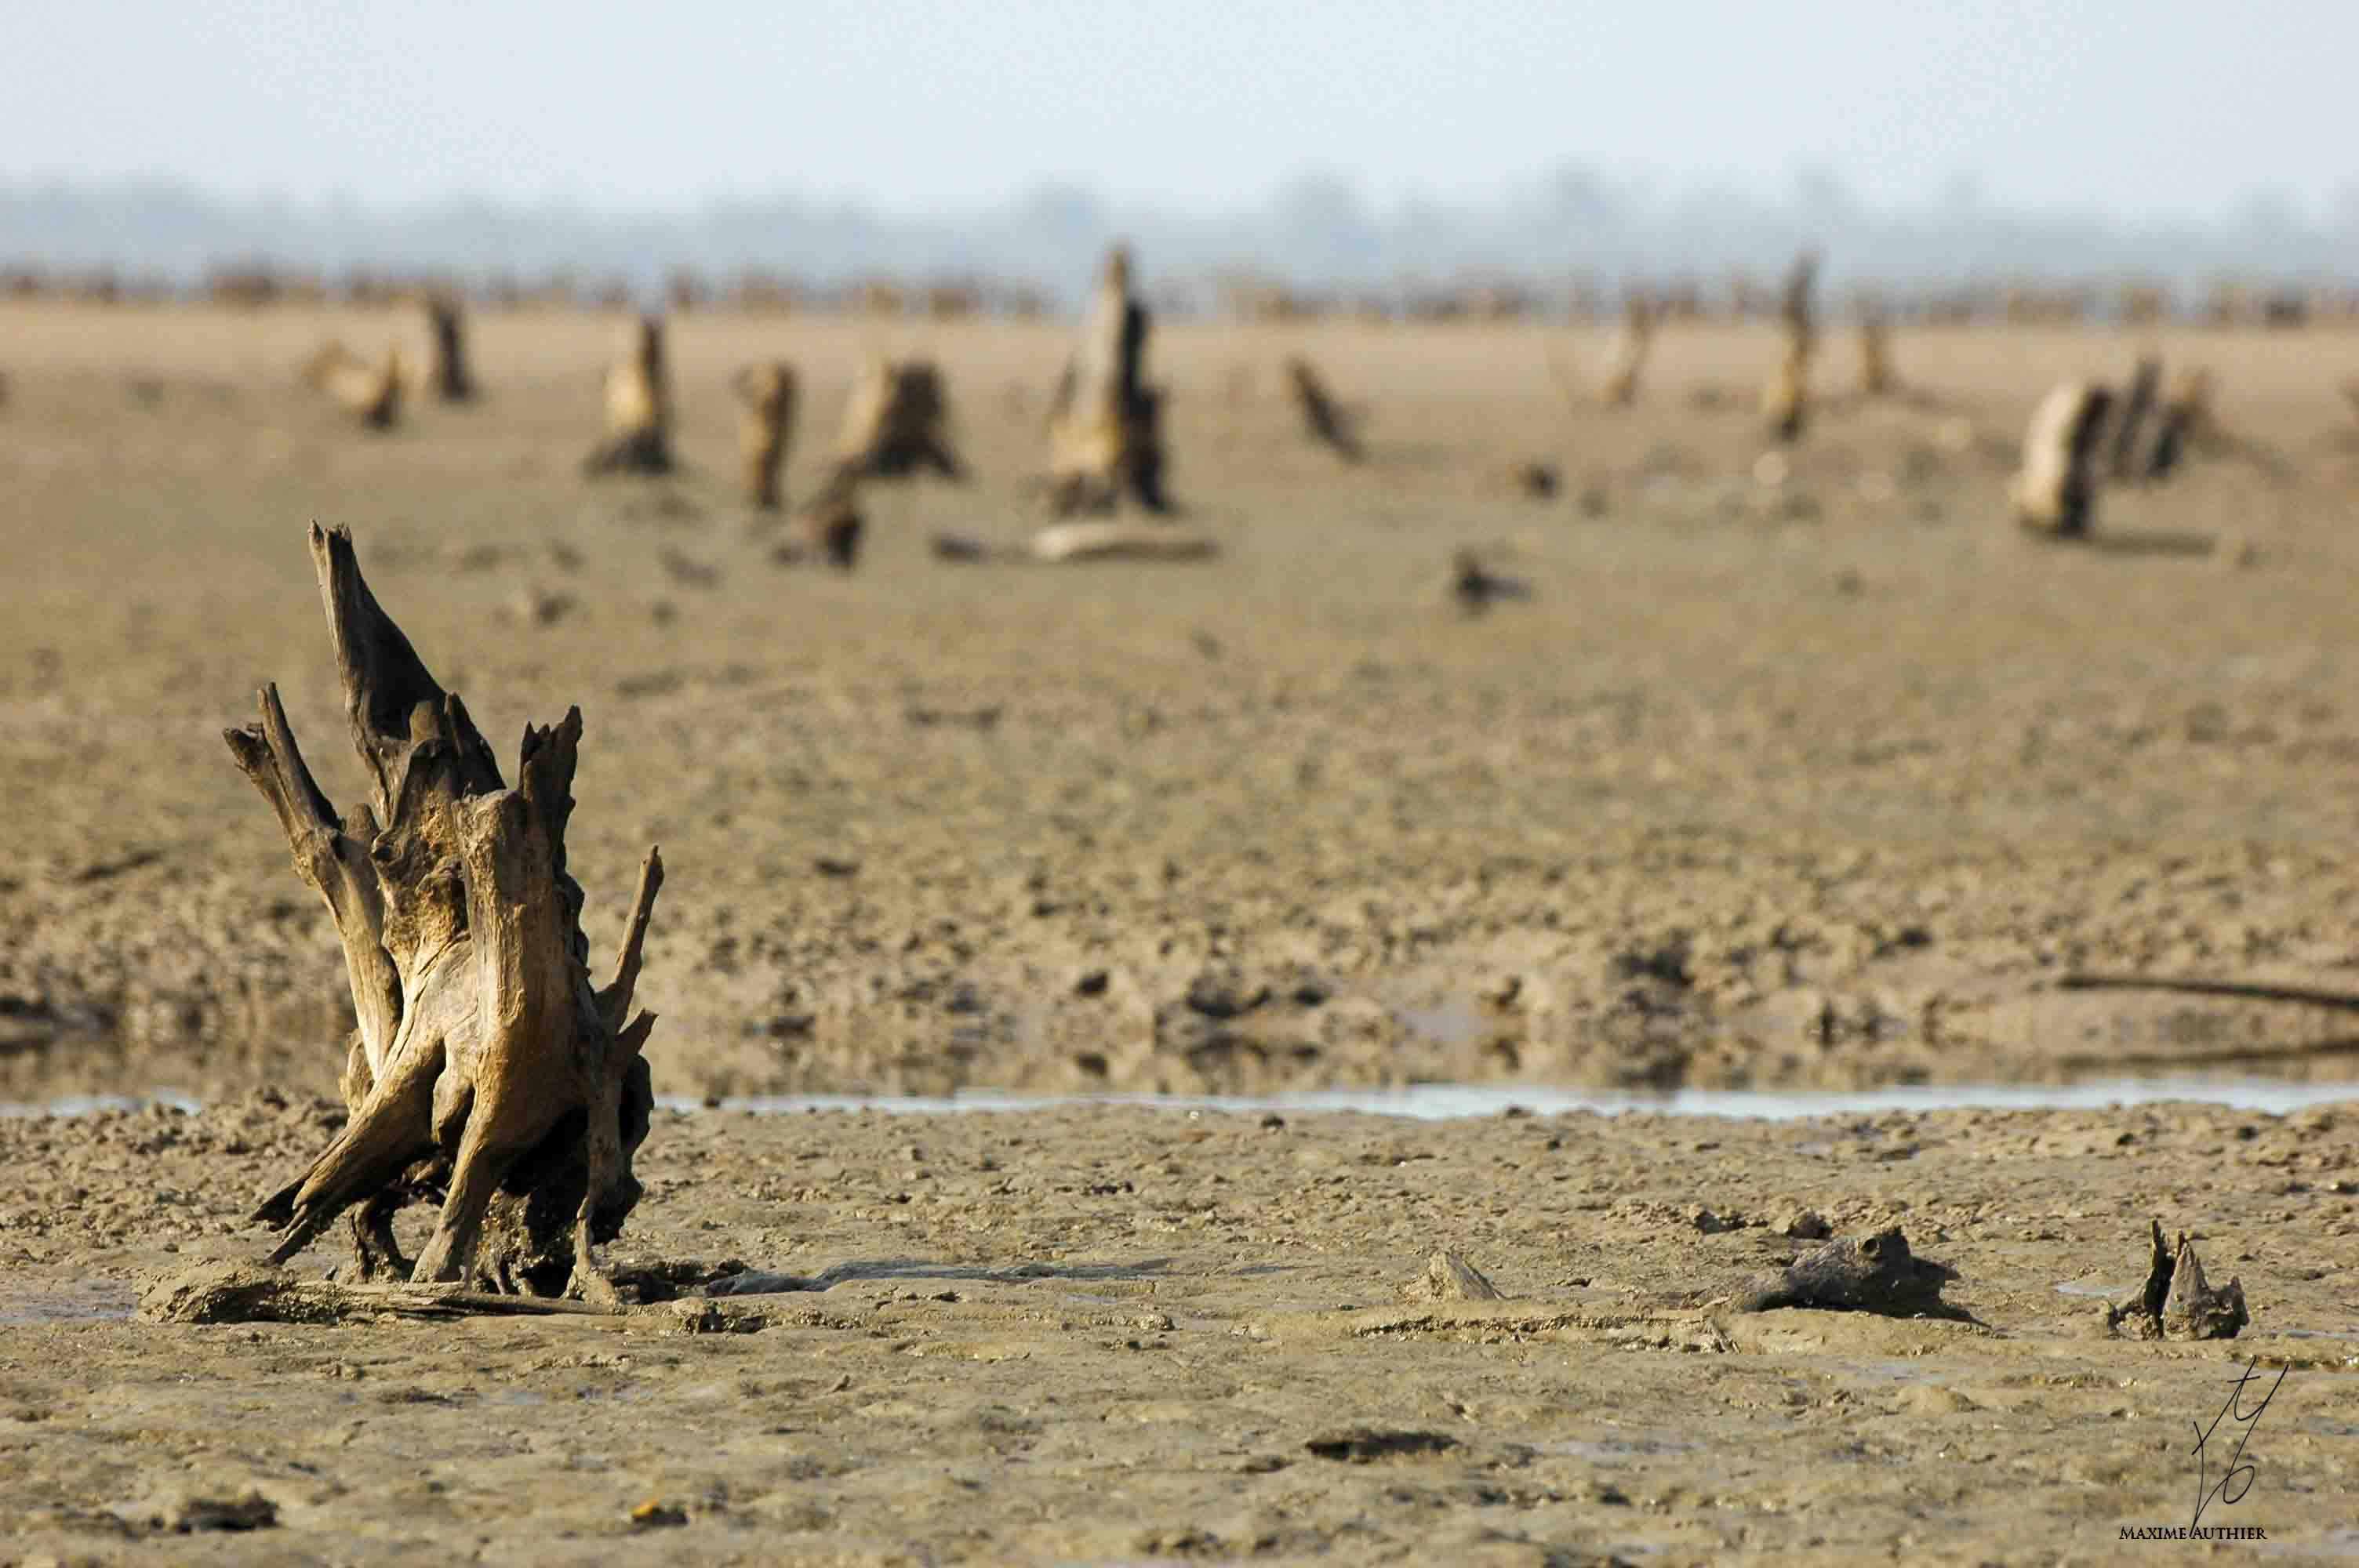 Photographie d'une souche d'arbre dans la Casamance au Sénégal